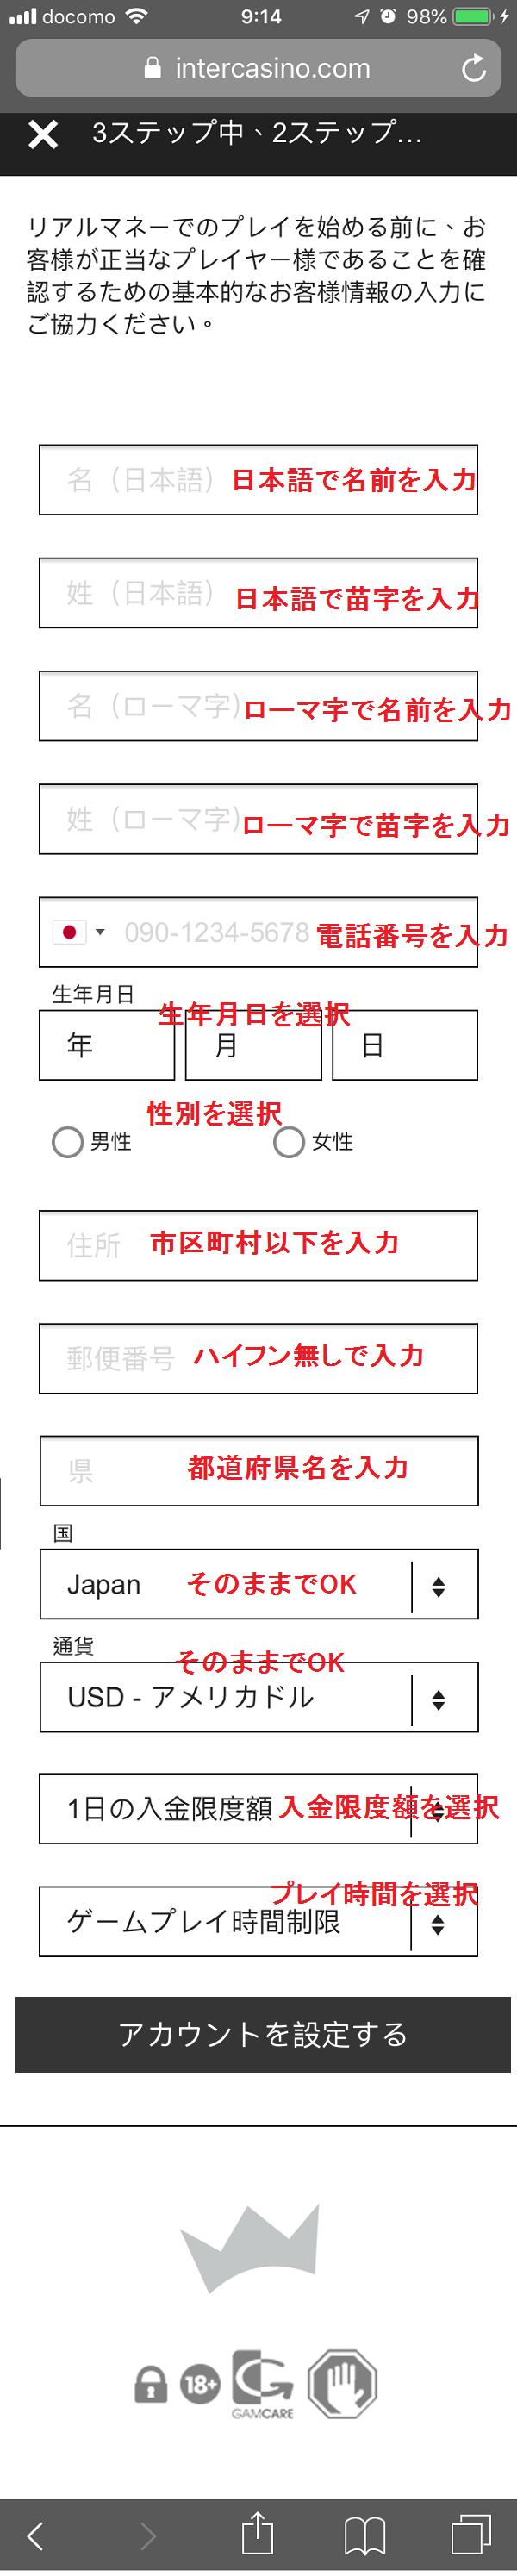 インターカジノ 新規会員登録方法 スマホ 3